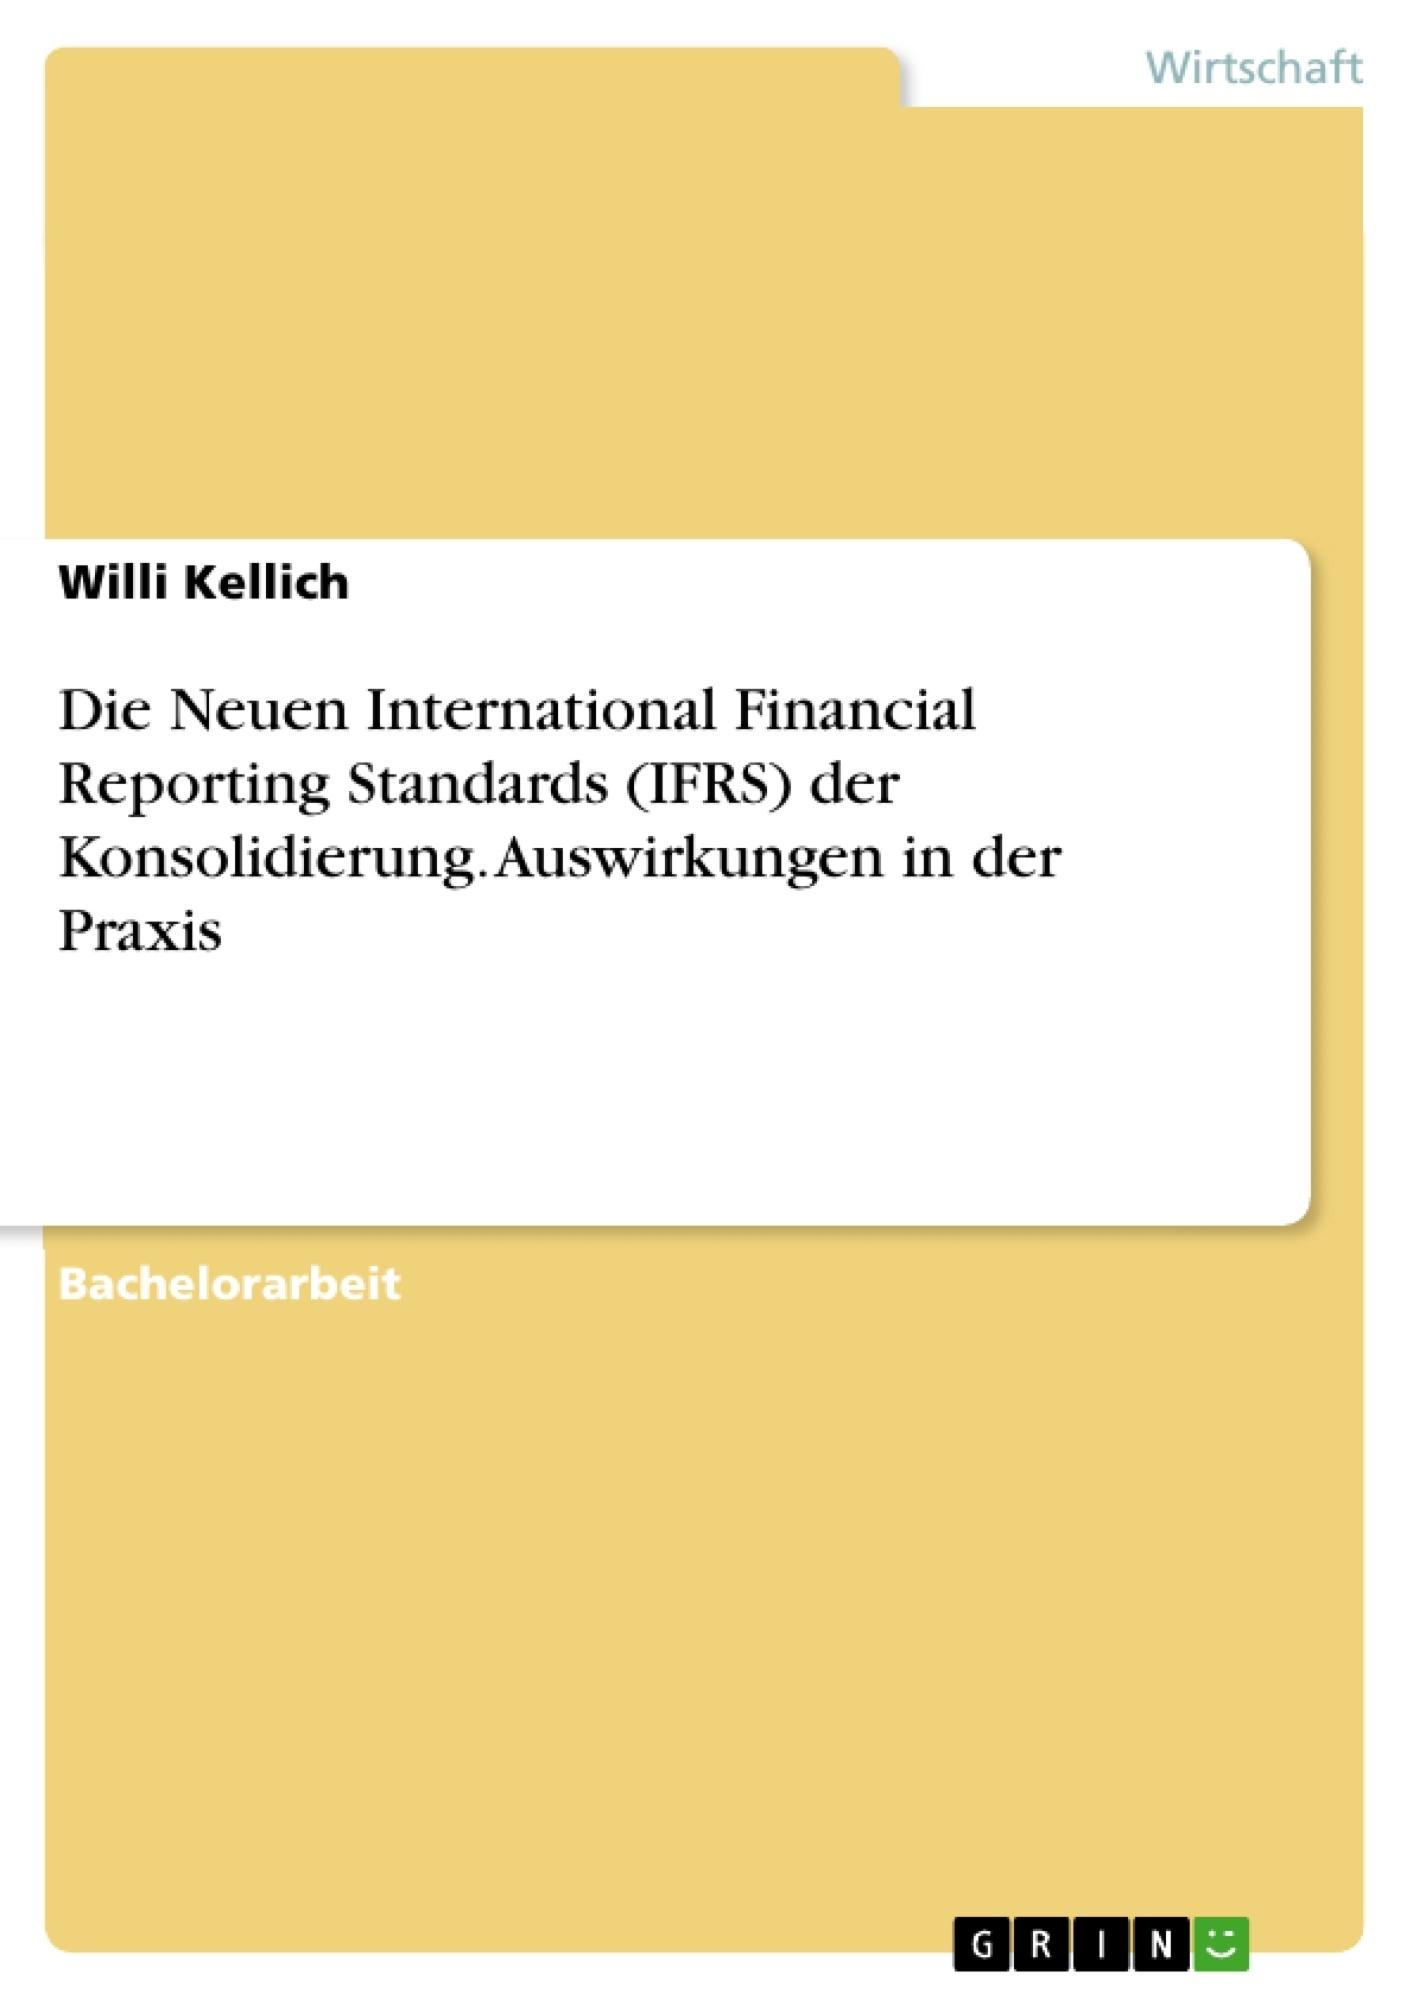 Titel: Die Neuen International Financial Reporting Standards (IFRS) der Konsolidierung. Auswirkungen in der Praxis